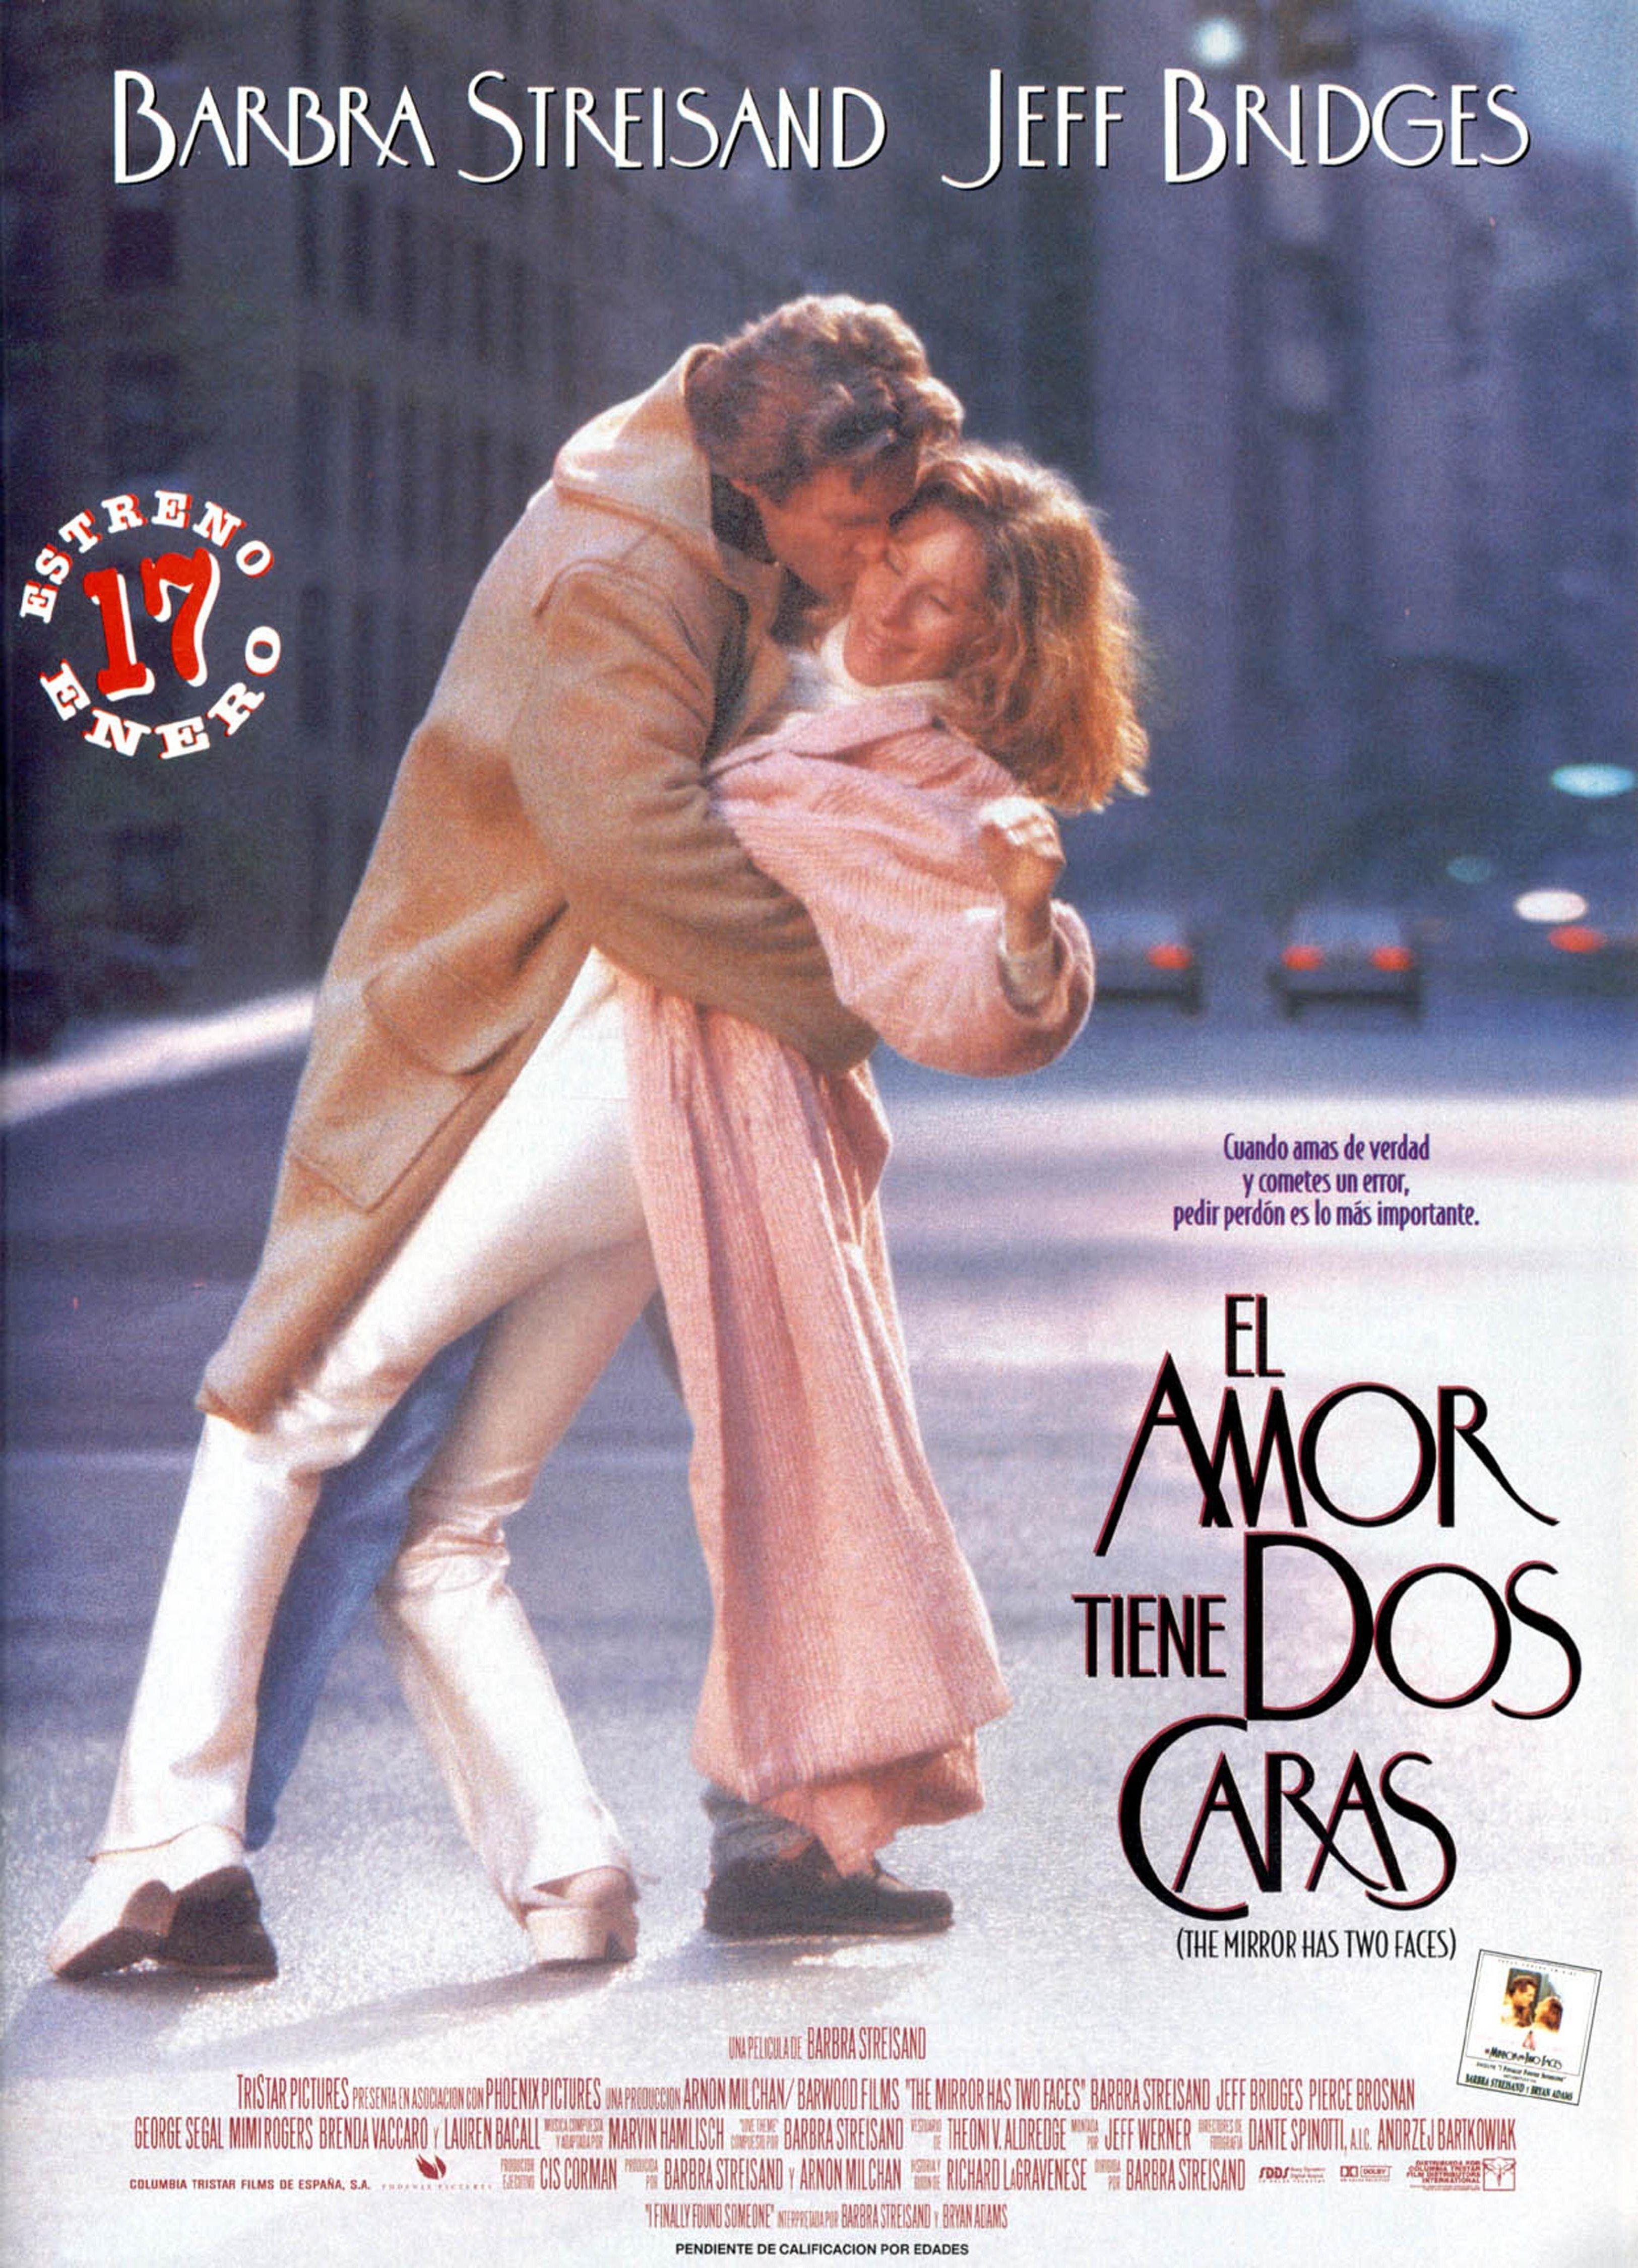 Una Pagina De Cine 1996 The Mirror Has Two Faces El Amor Tiene Dos Caras Esp 01 Jpg Peliculas De Amor Dos Caras Cine